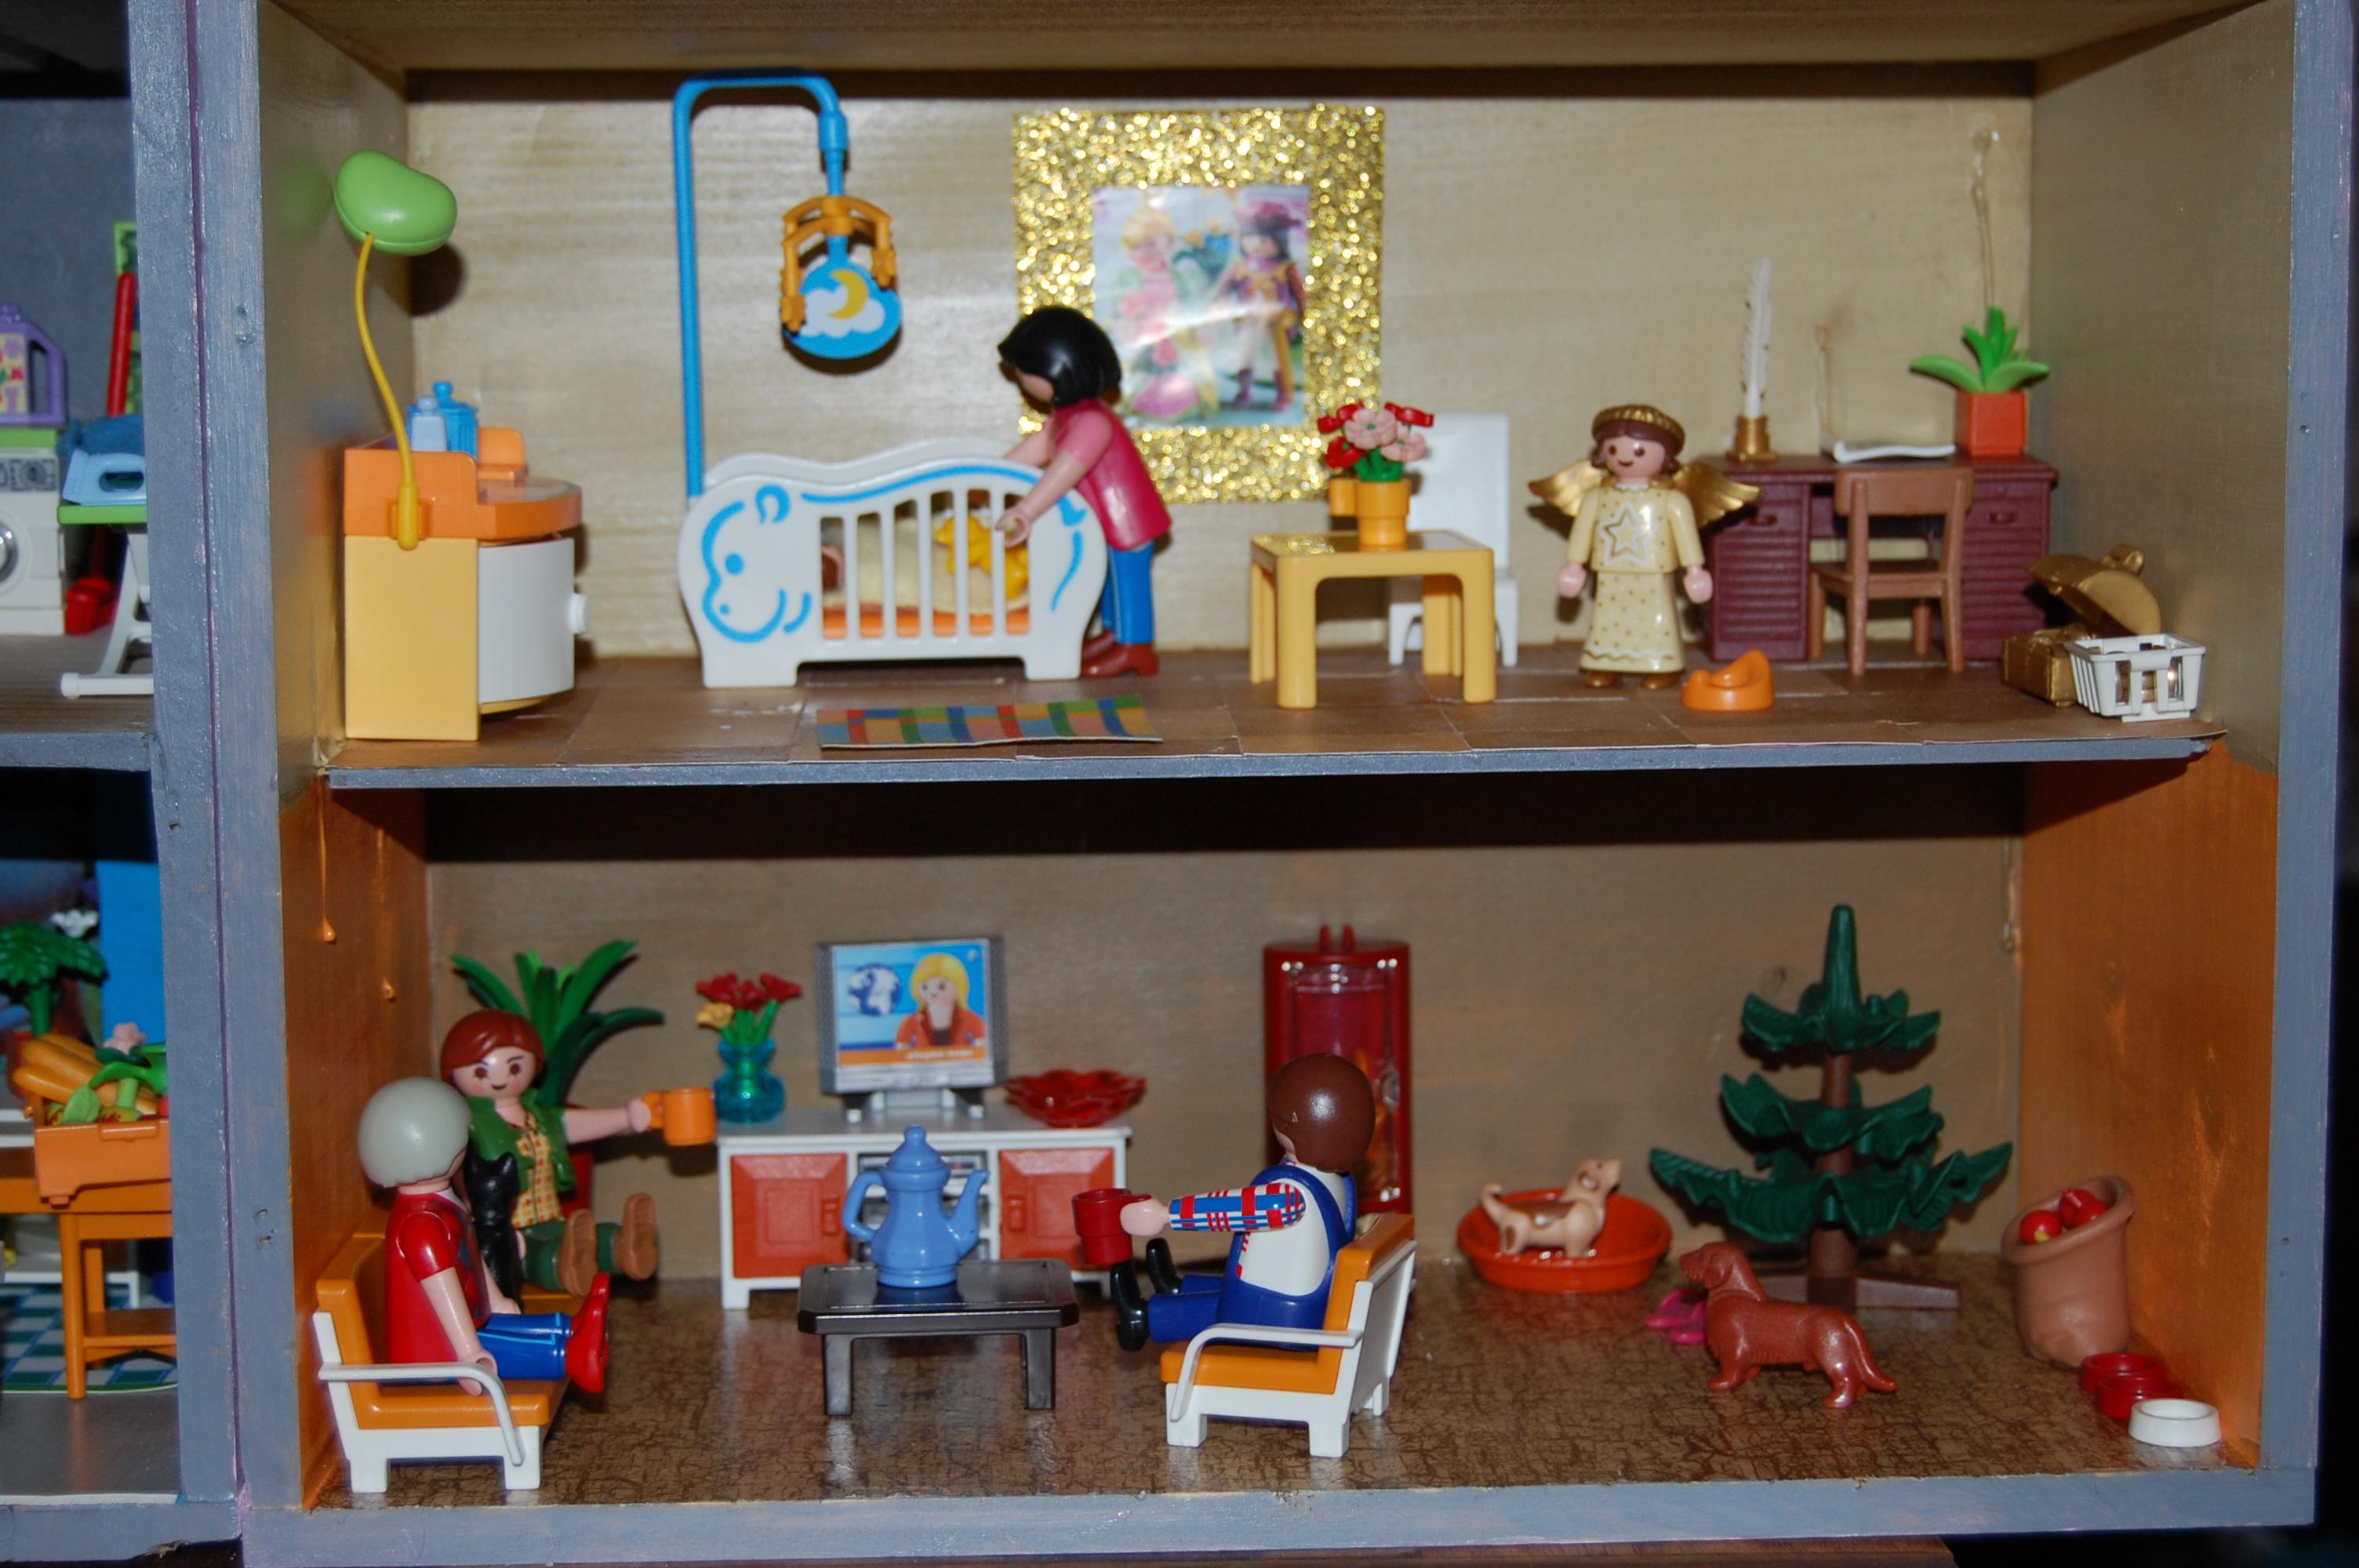 fabriquer une maison pour les playmobil 29 novembre. Black Bedroom Furniture Sets. Home Design Ideas